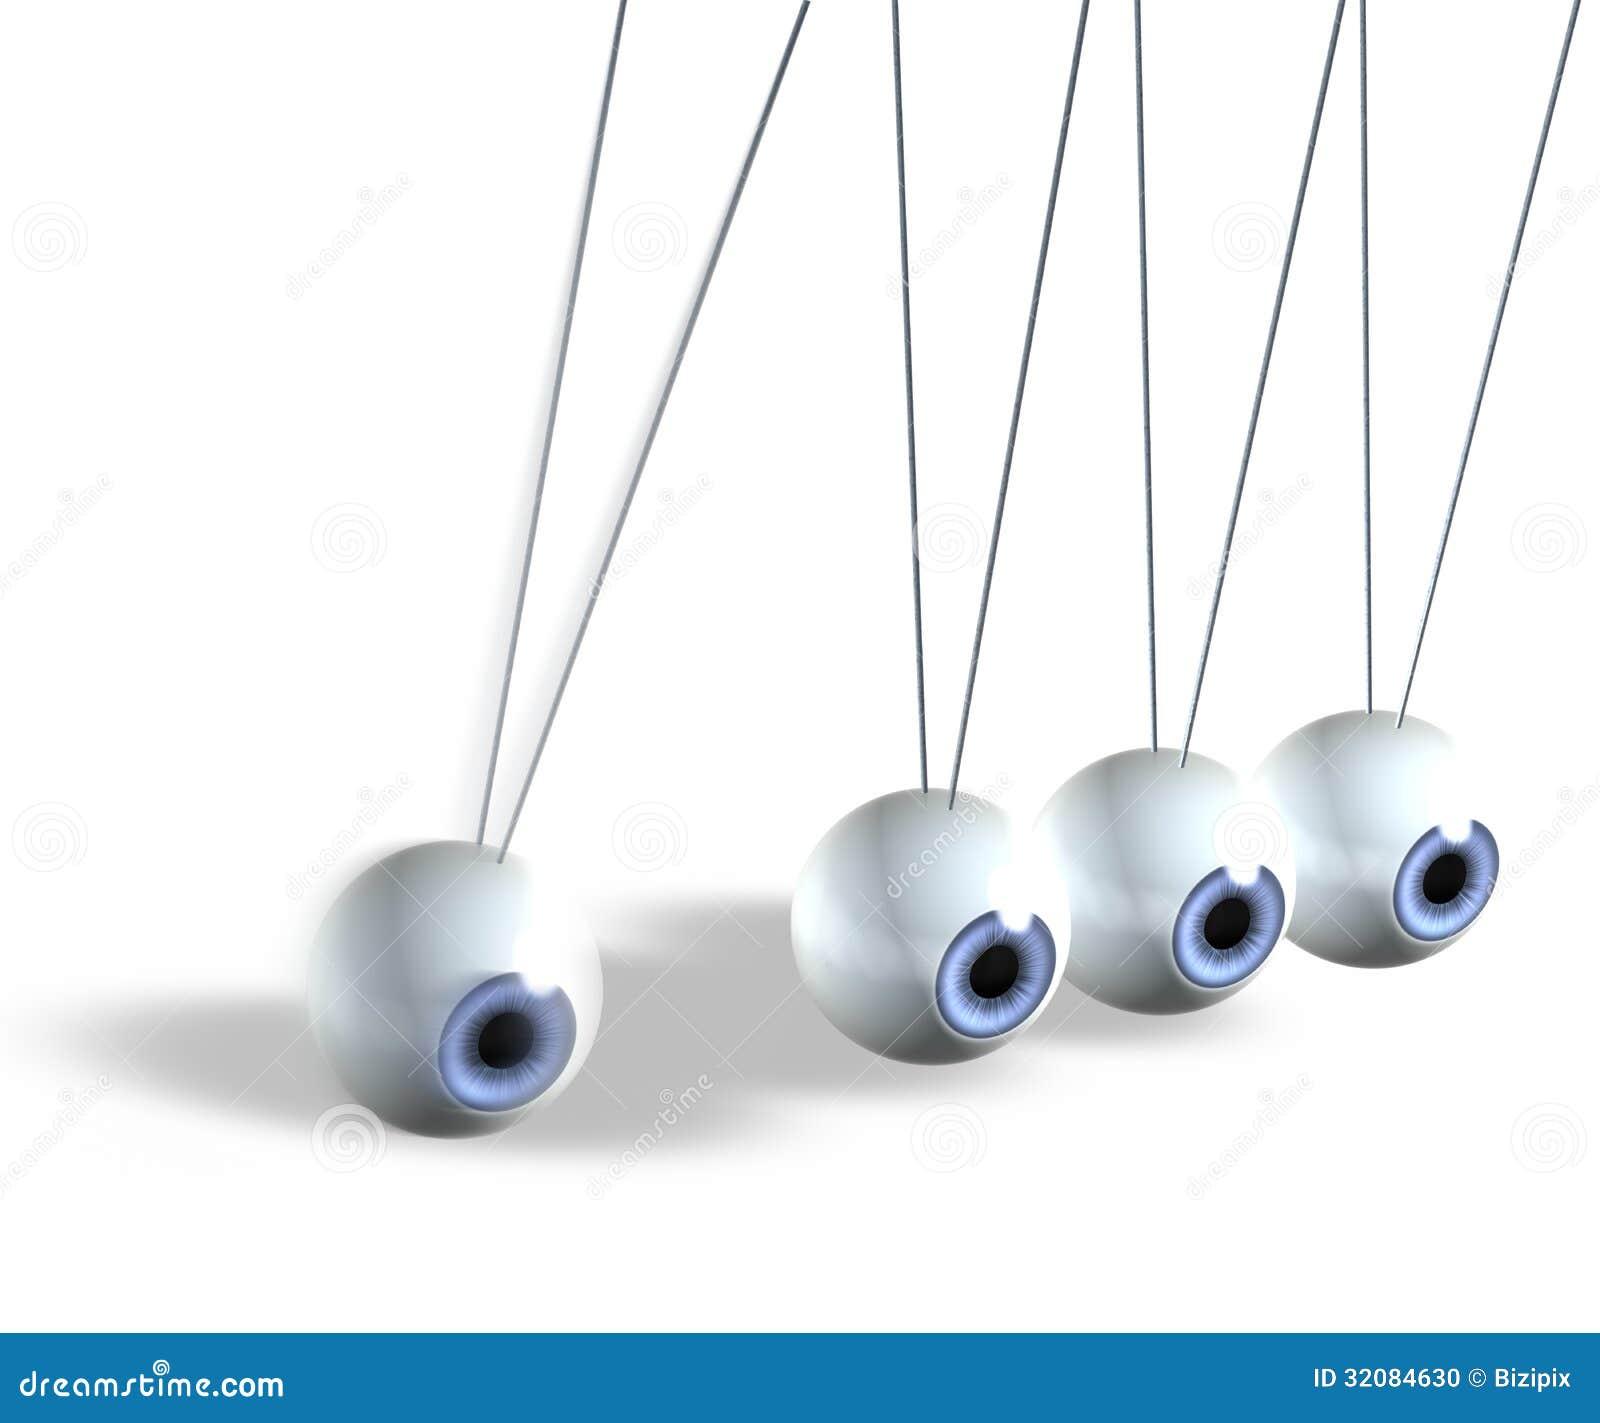 kinetic pendulum stock photo image 32084630